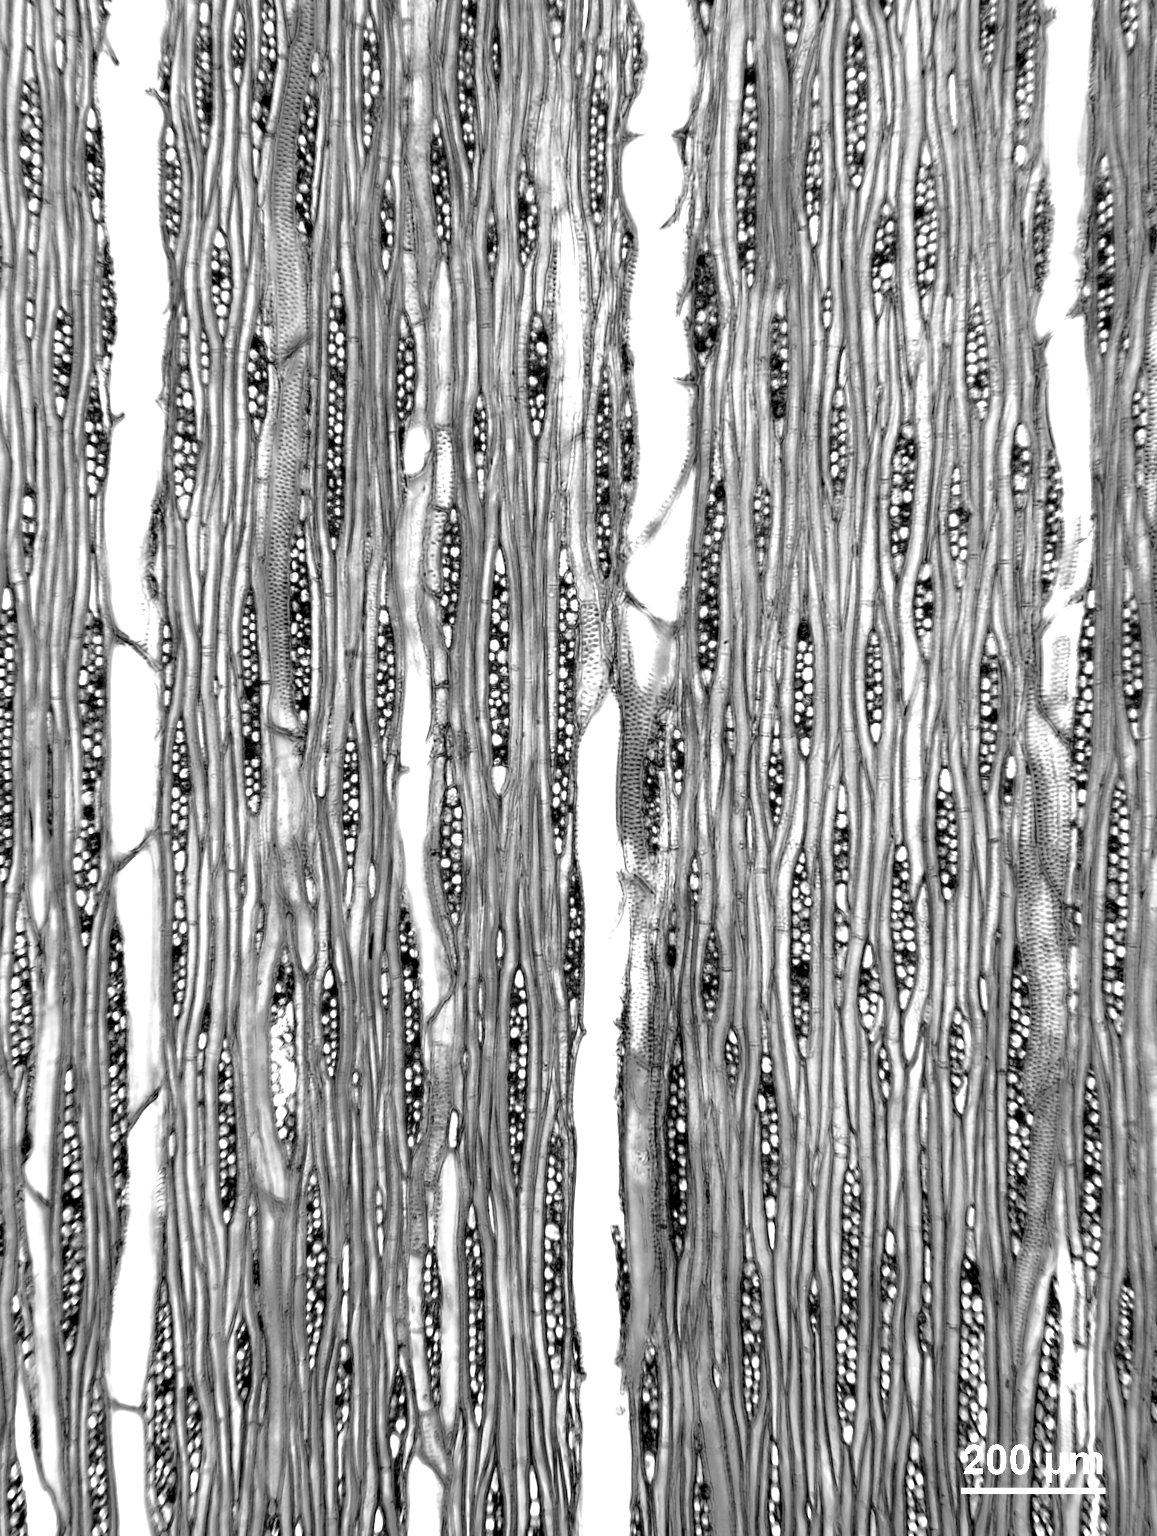 LAURACEAE Nectandra coriacea